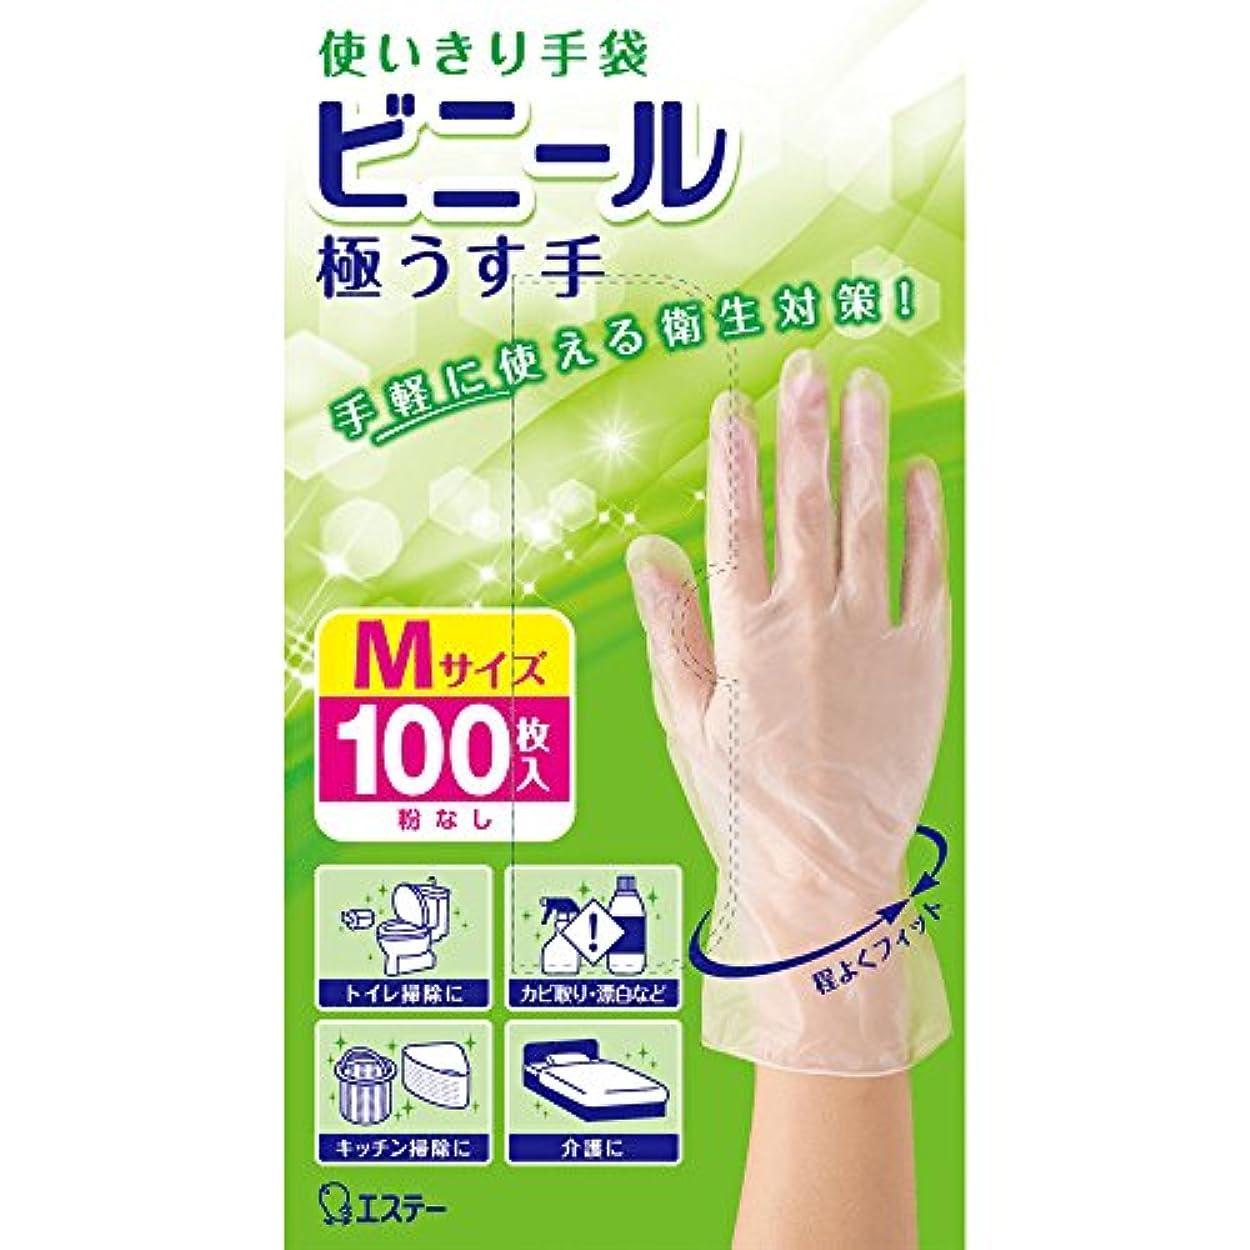 メールまもなく多用途使いきり手袋 ビニール 極うす手 炊事?掃除用 Mサイズ 半透明 100枚